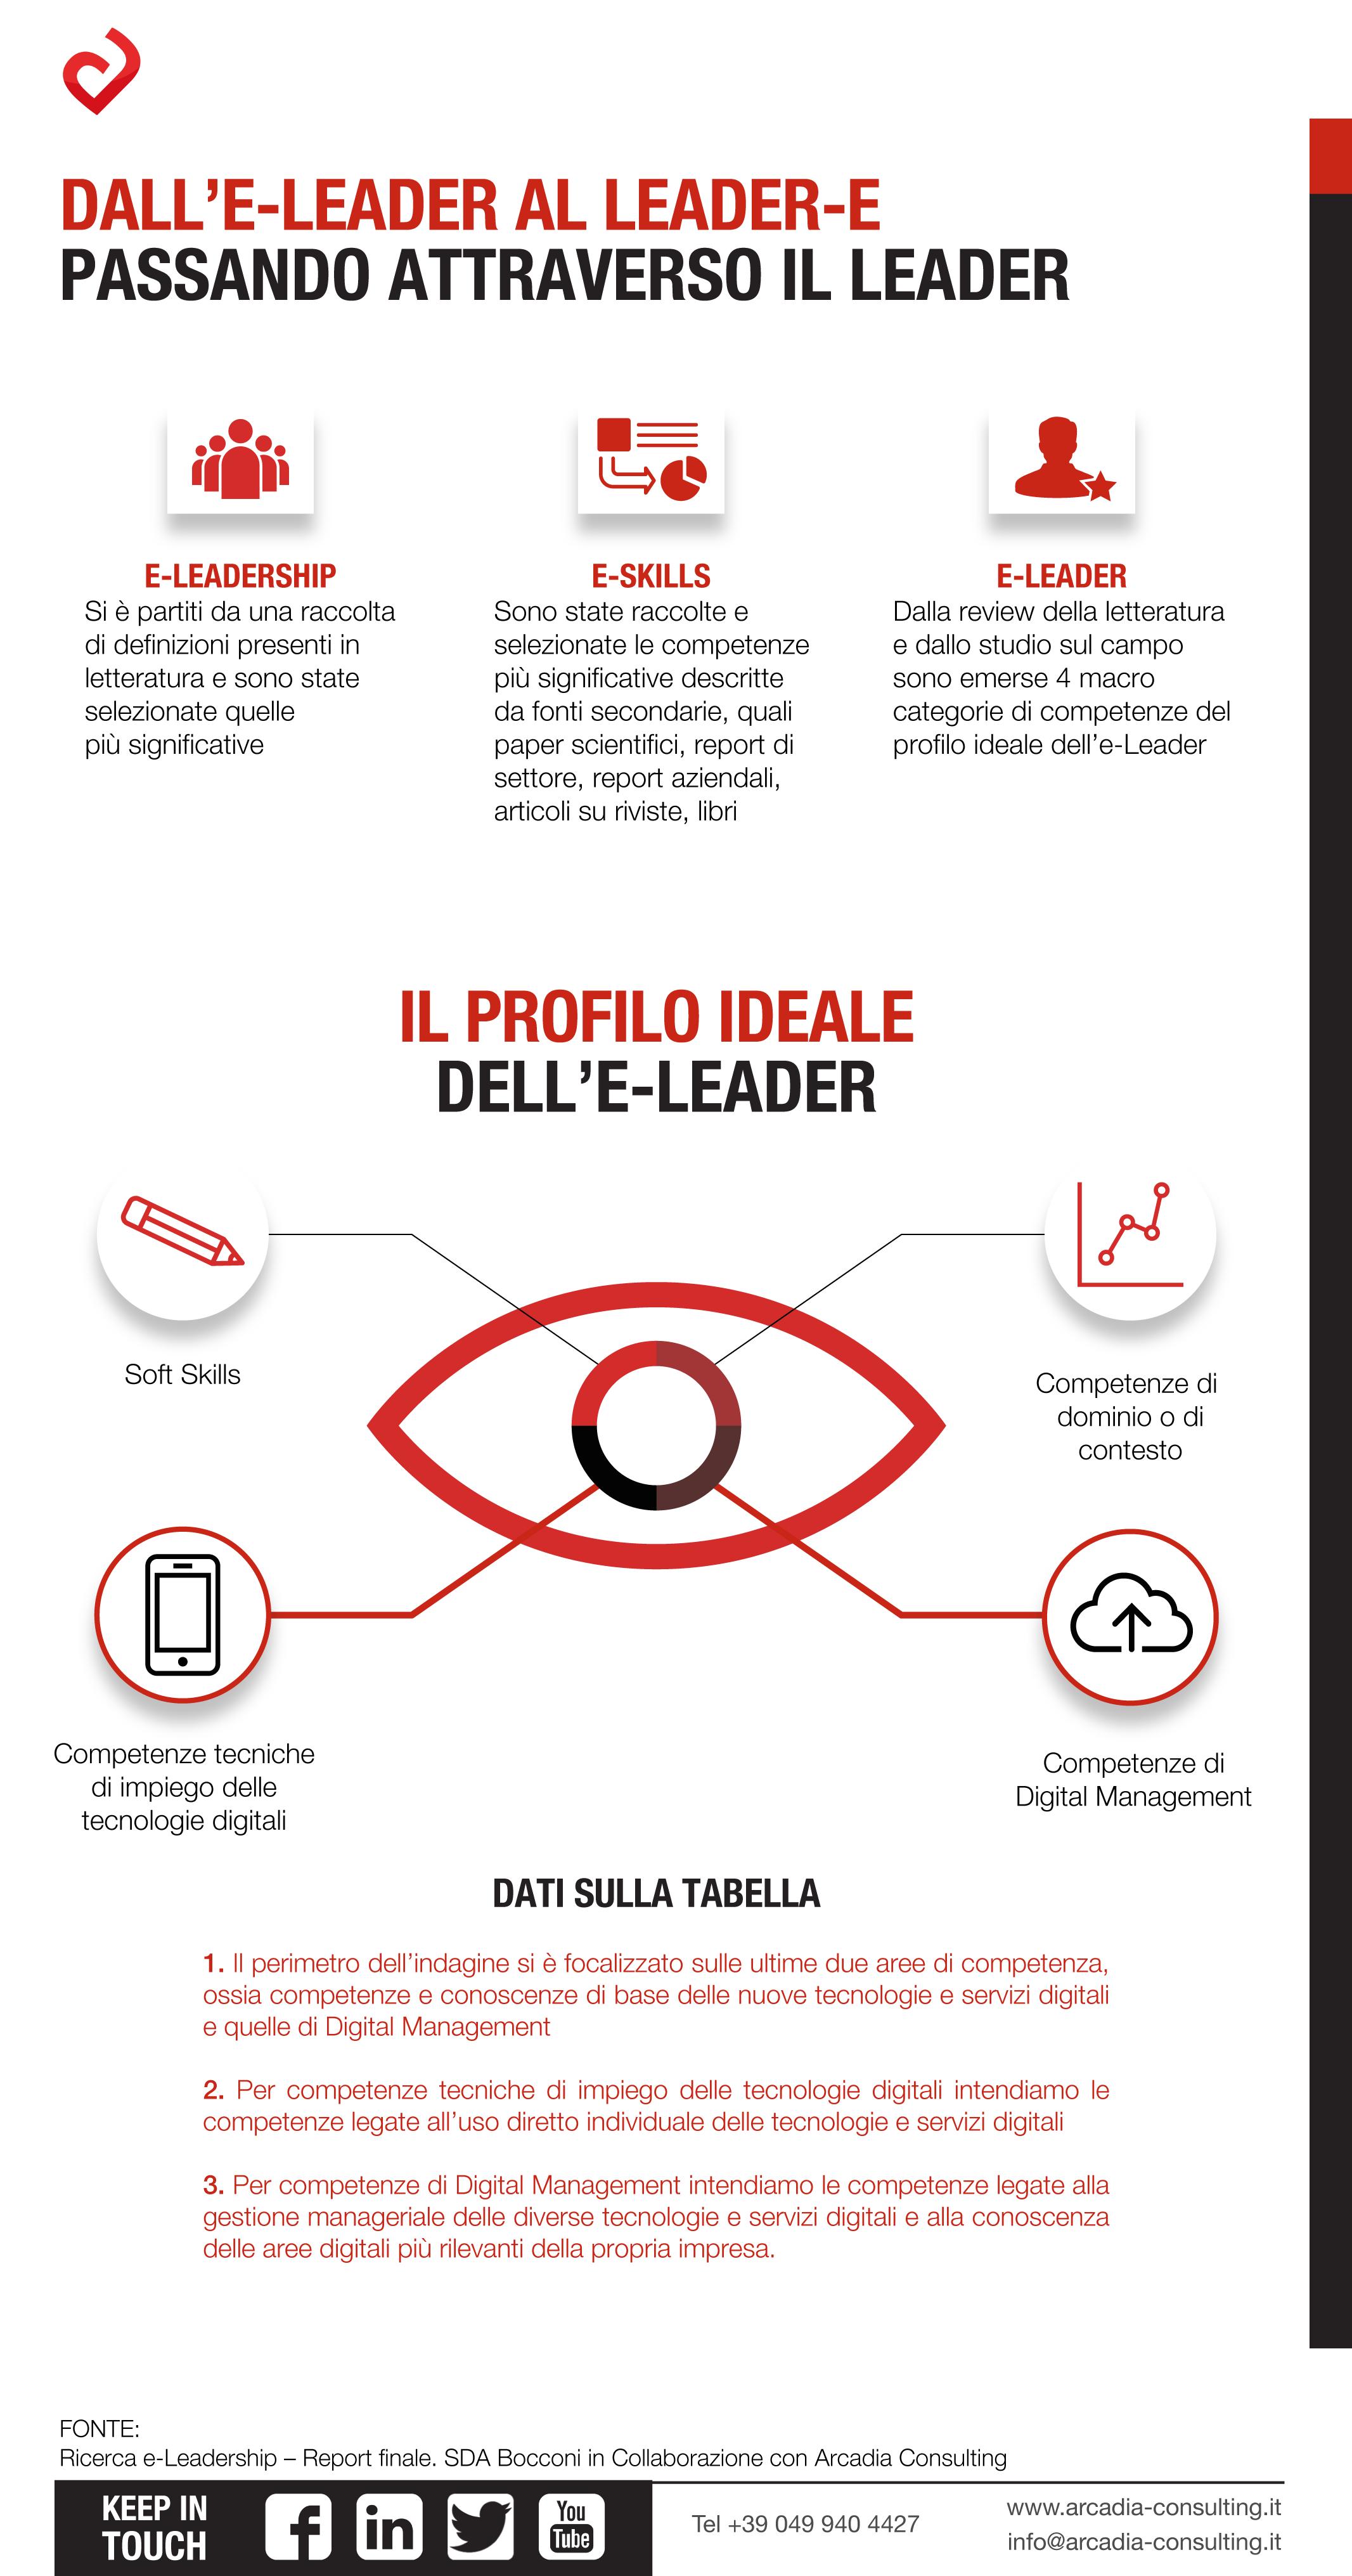 1. Dall'e-Leader al Leader-e passando attraverso il Leader